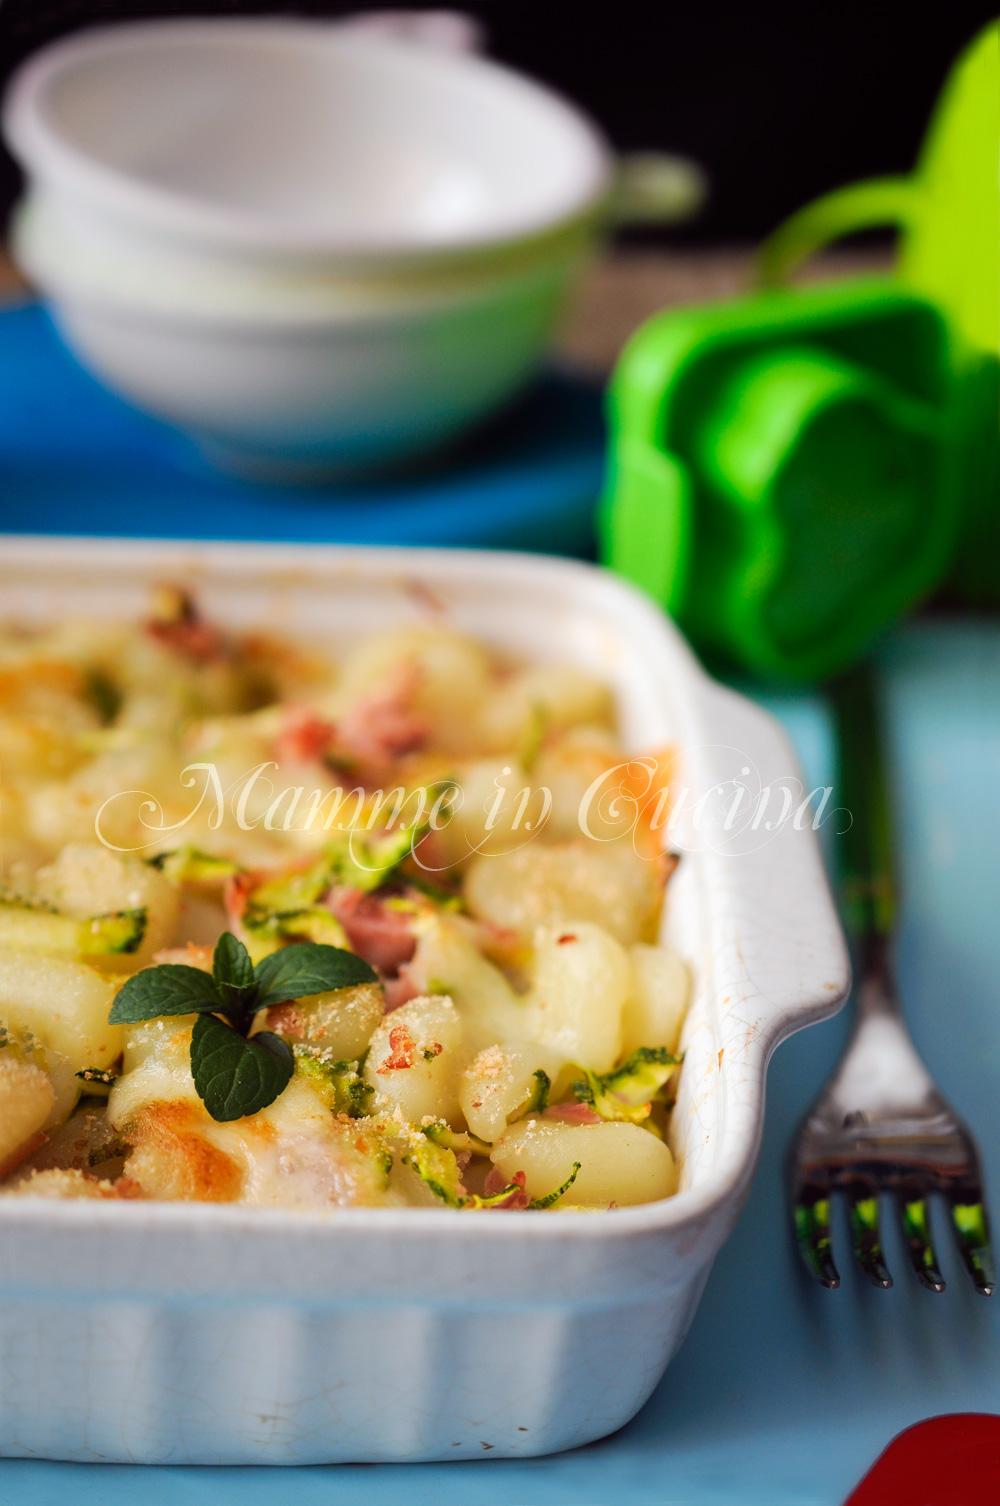 Gnocchi prosciutto e zucchine al forno ricetta veloce mamme in cucina